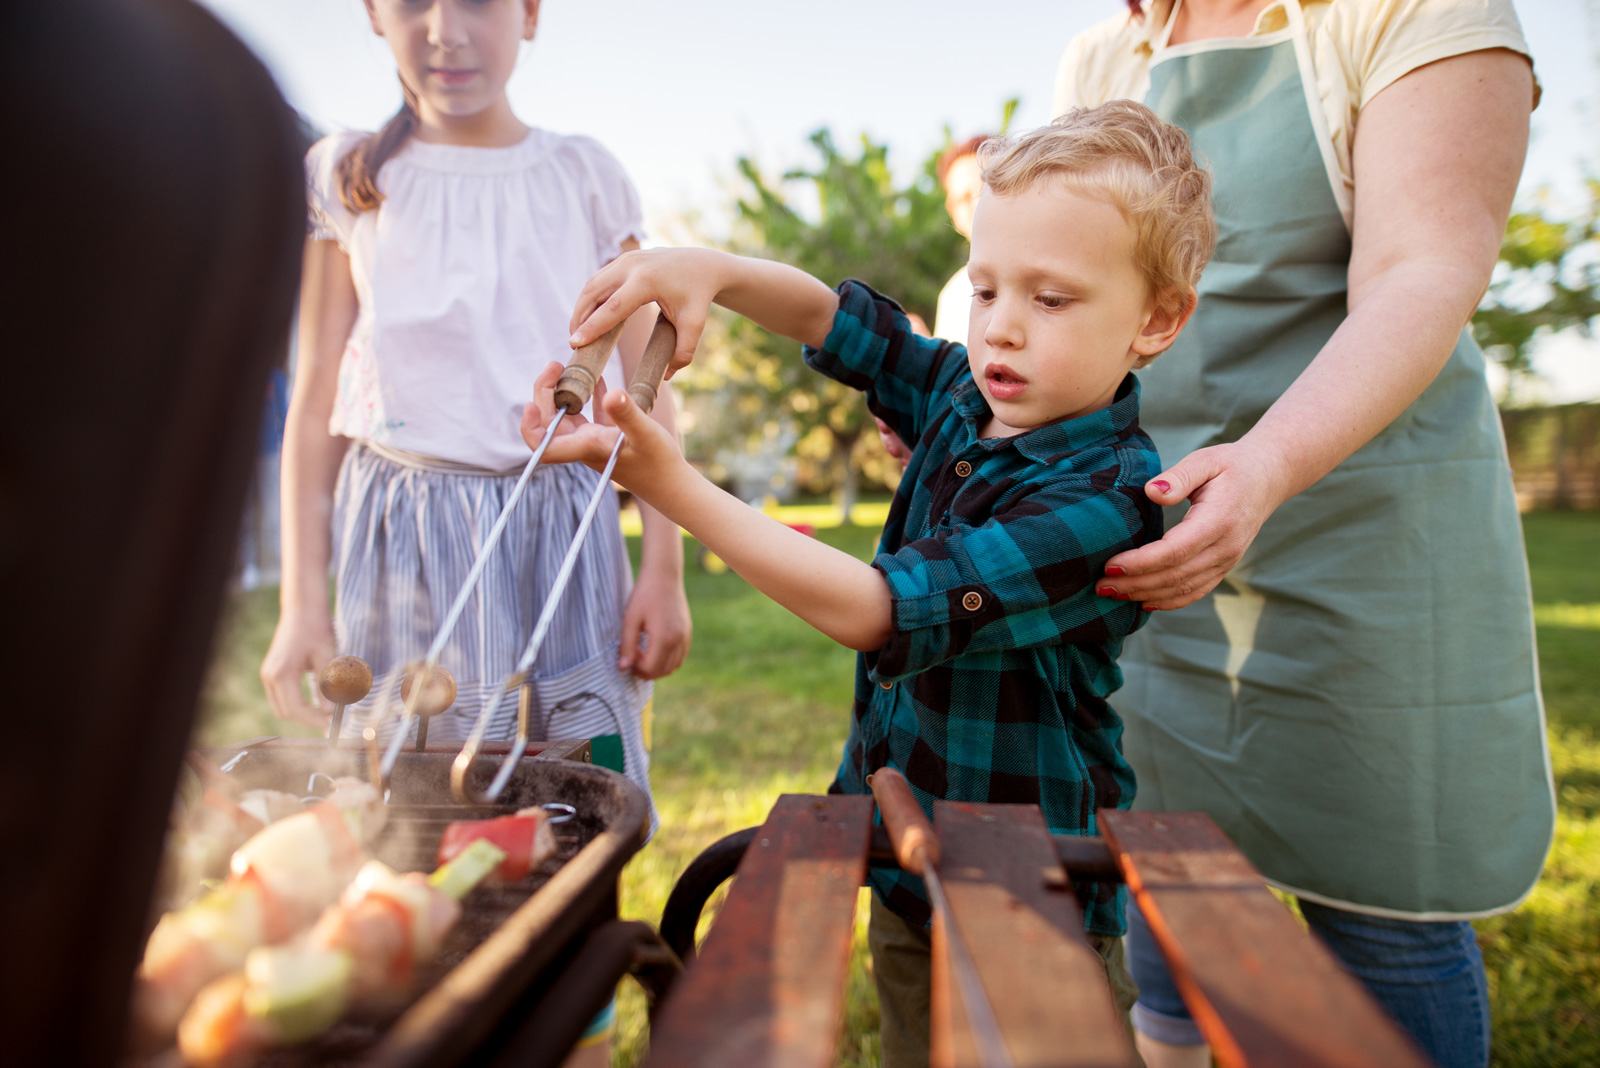 Ereignis für die Familie: Grillen im Garten